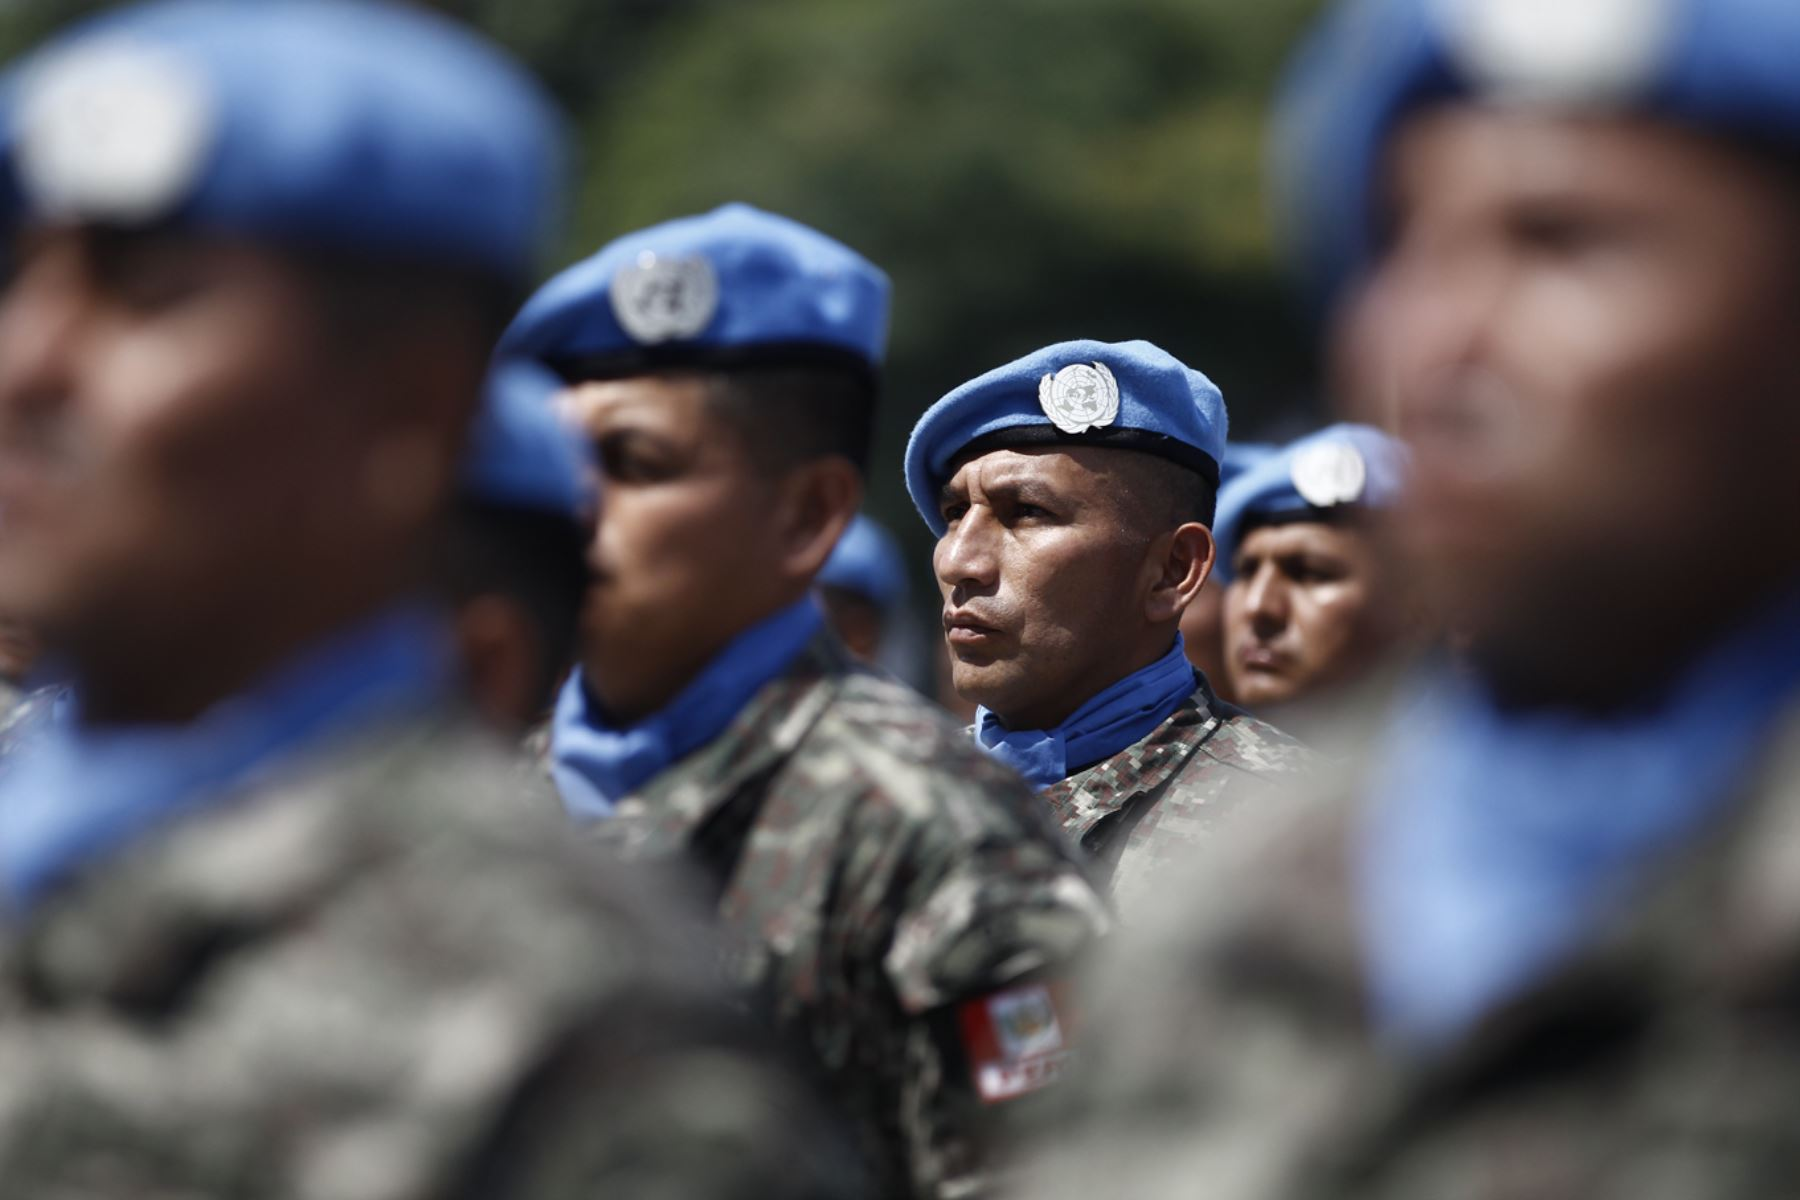 LIMA, PERÚ - ENERO 15. Jefe del Comando Conjunto de las Fuerzas Armadas, Jorge Moscoso, presidió la ceremonia de despedida de XXIV contingente de los Cascos Azules.  Foto: ANDINA/Juan Carlos Guzmán Negrini.